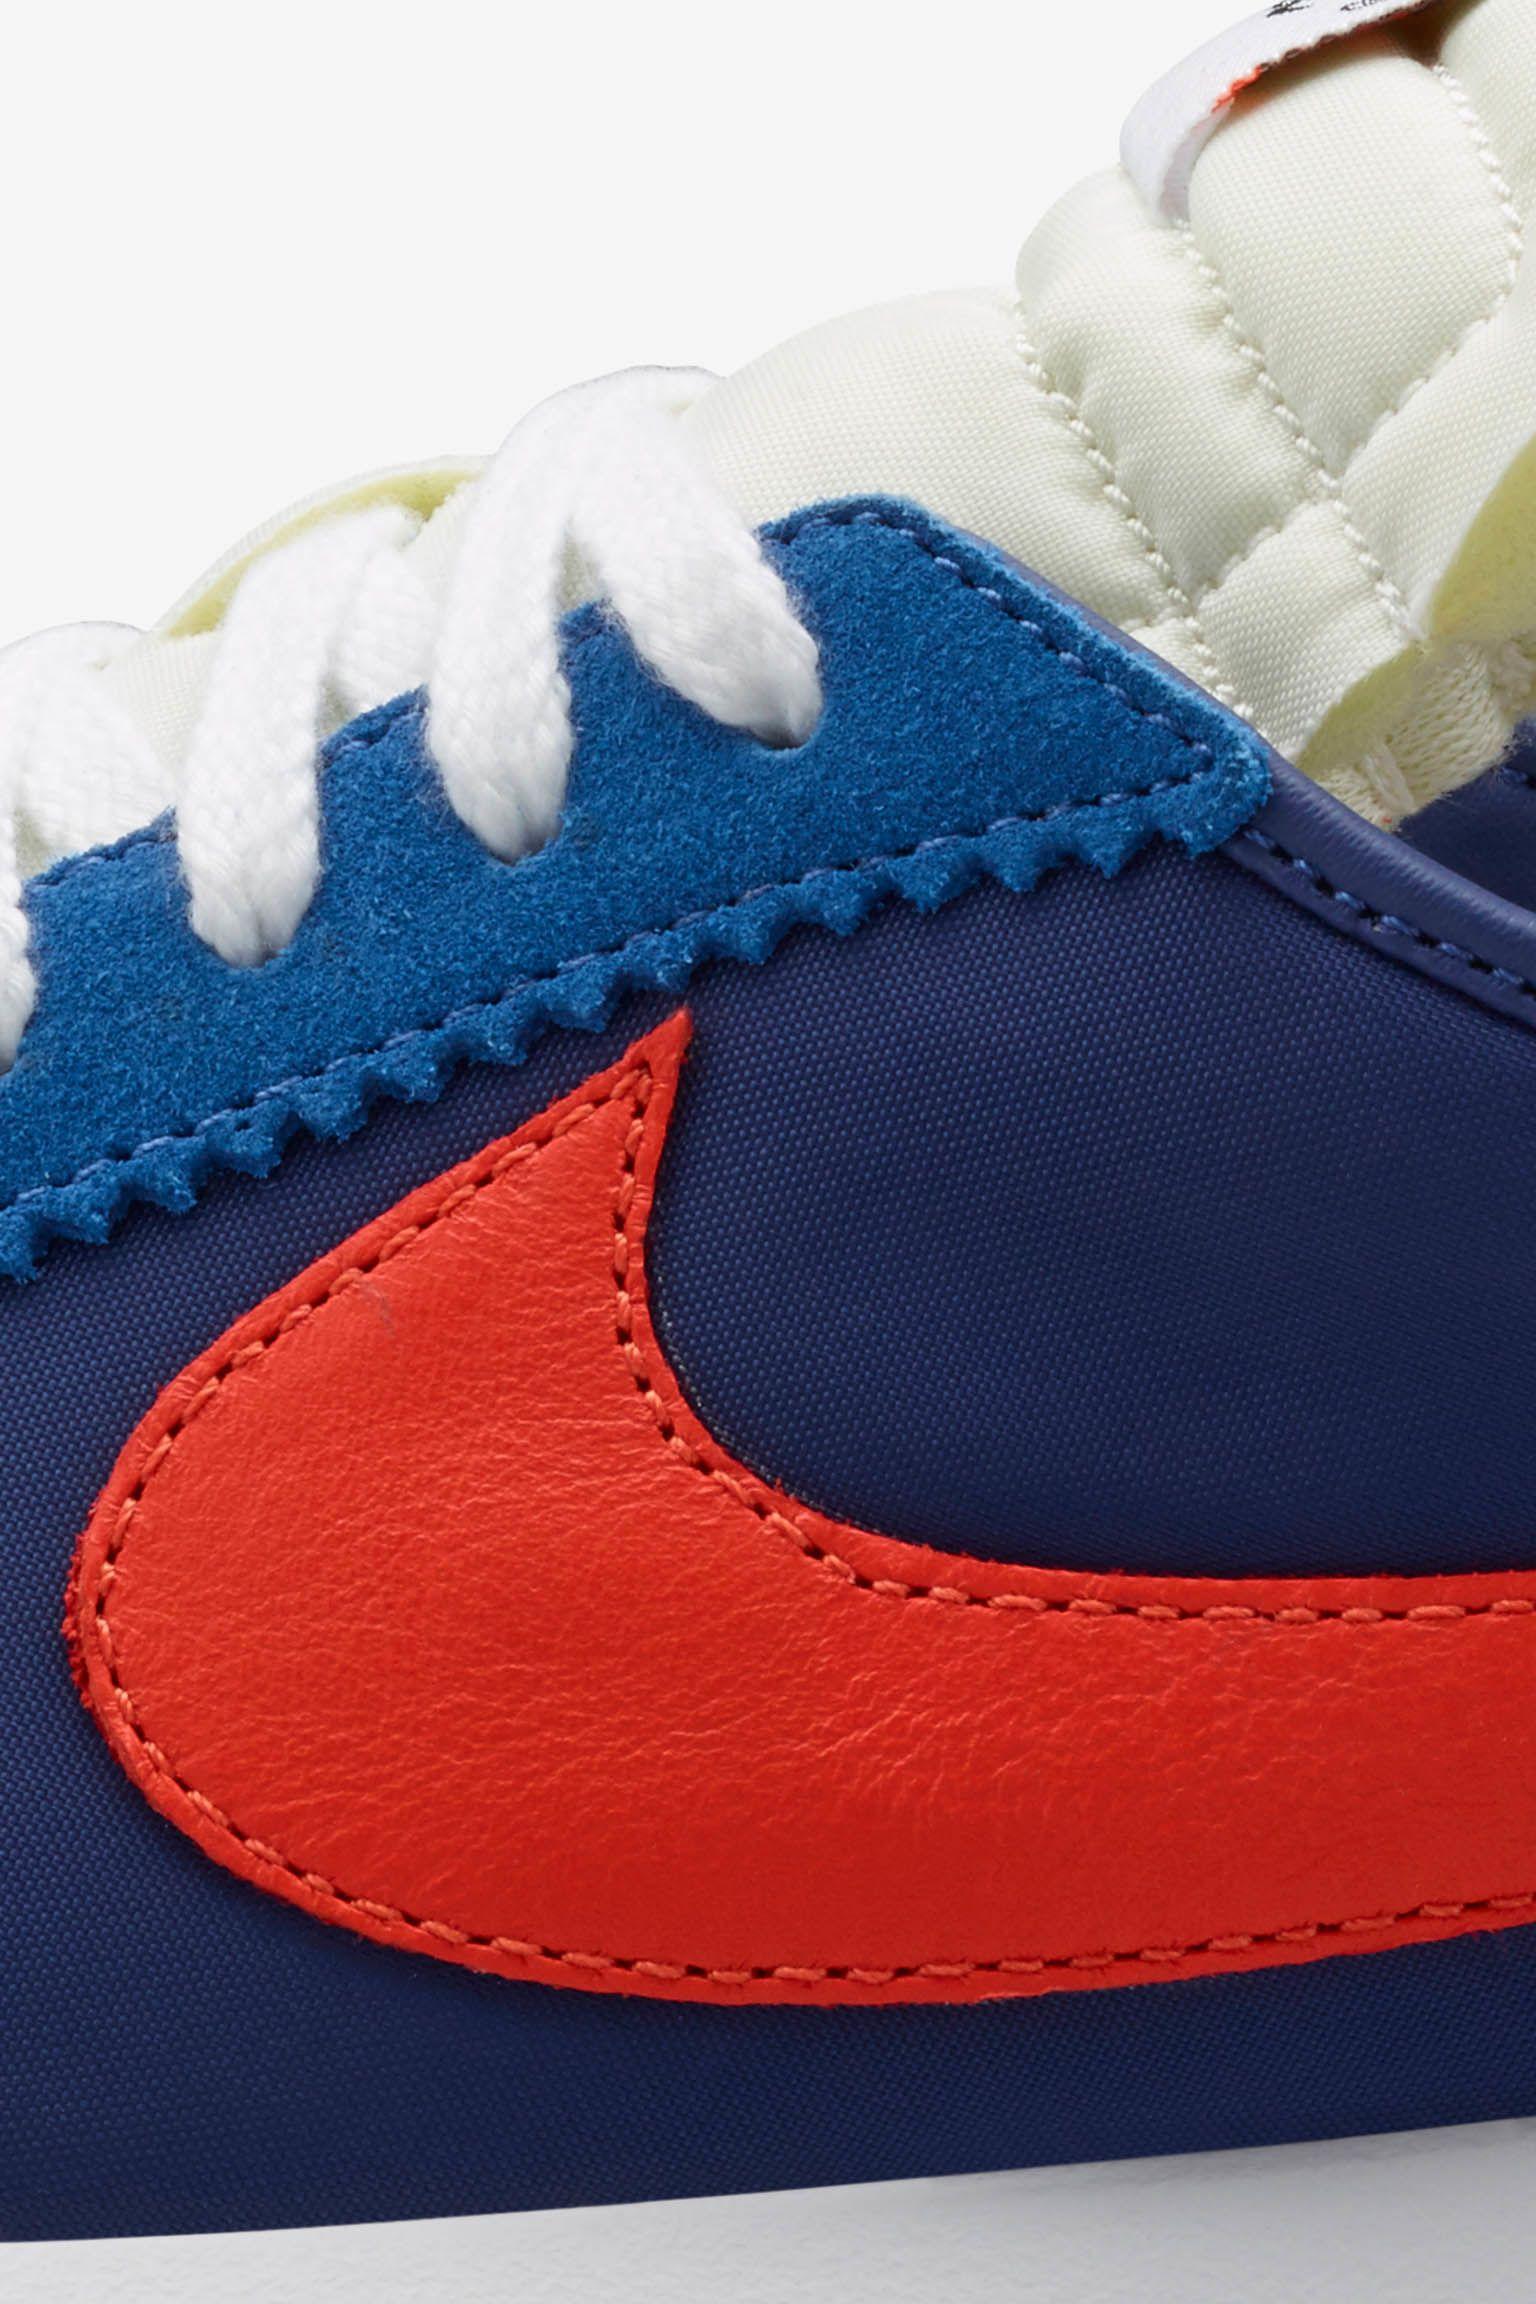 Nike Roshe Cortez 'University Blue & Safety Orange'